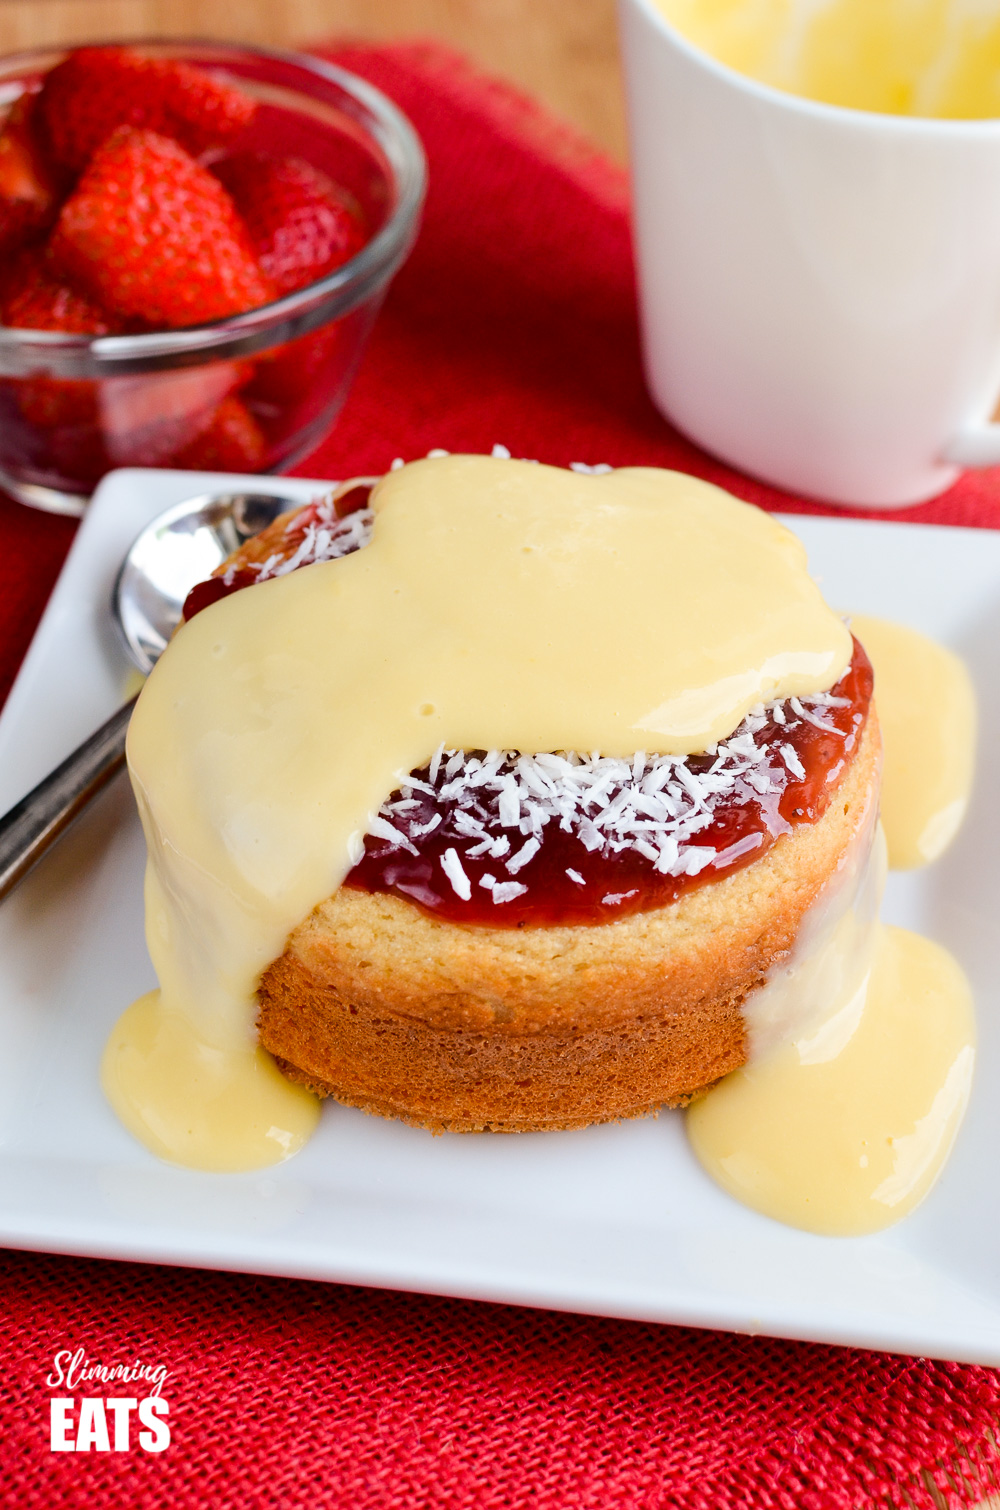 custard over jam and coconut sponge cake on white plate